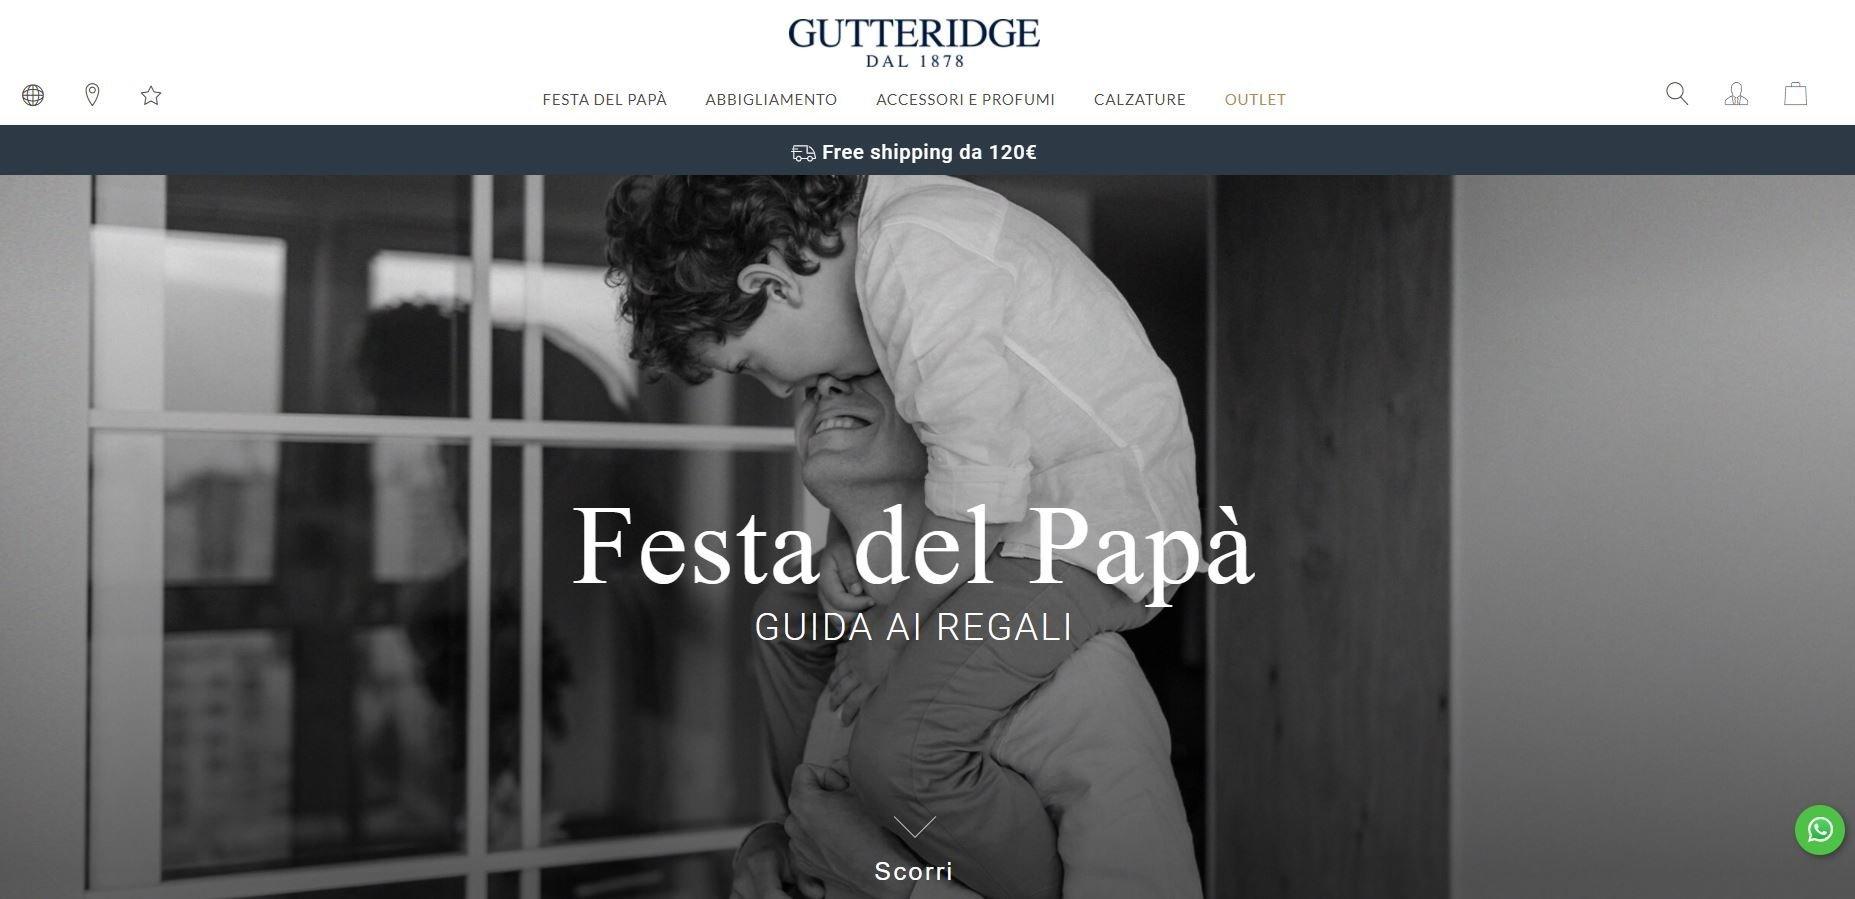 gutteridge - 2